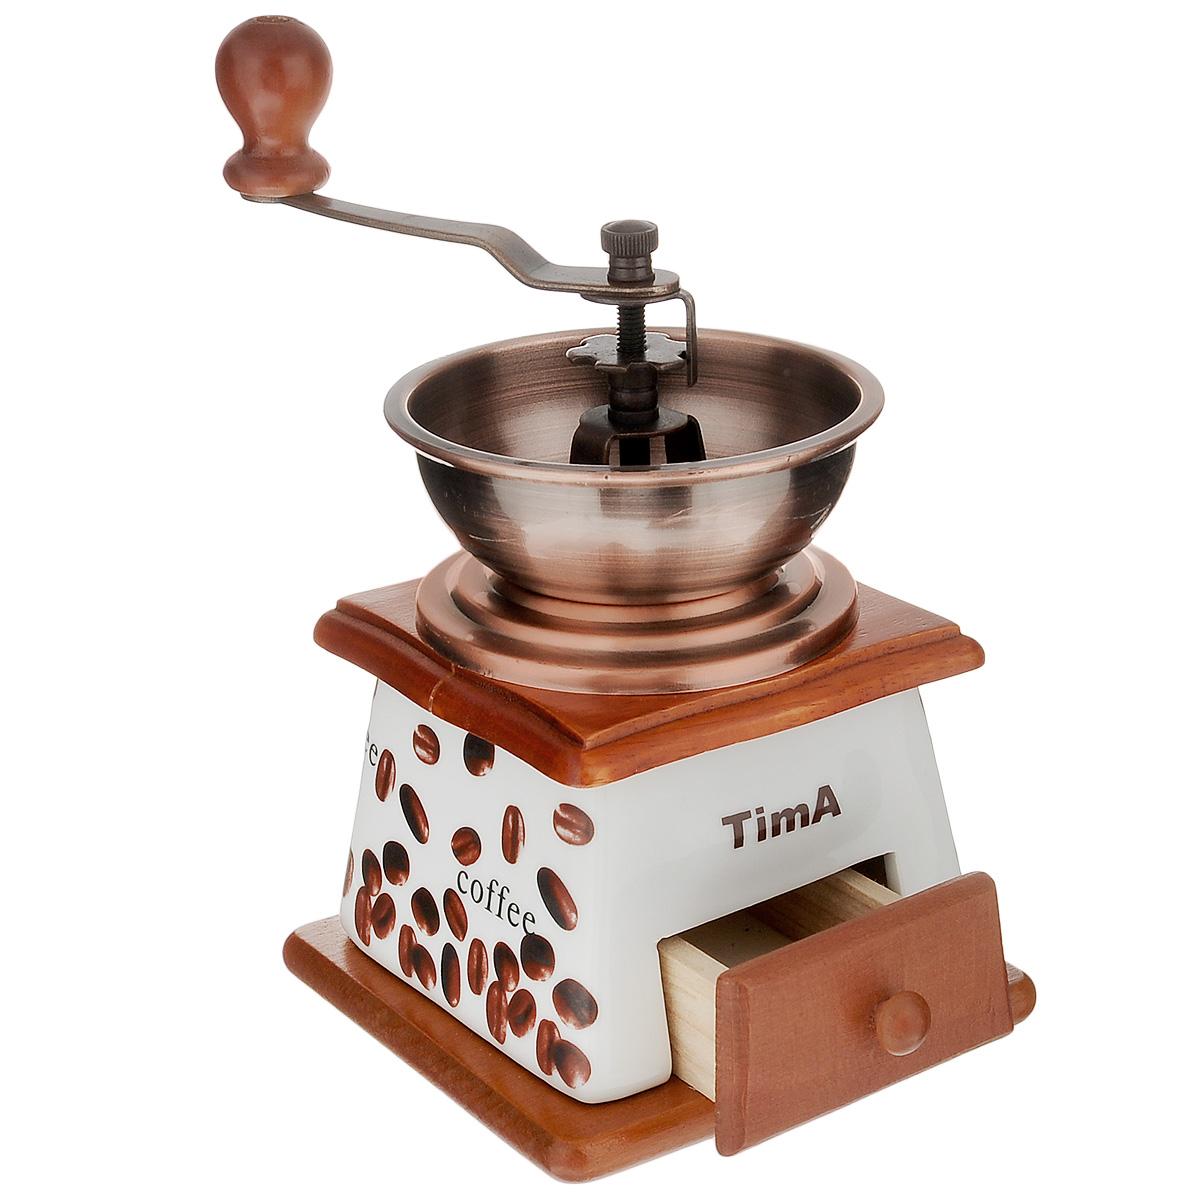 Кофемолка ручная TimA. SL-073VT-1520(SR)Ручная кофемолка TimA, выполненная из дерева и керамики, украшенной изображением кофейных зерен, сочетает в себе эстетичность и функциональность. Она оснащена выдвижным деревянным ящичком для молотого кофе, металлической воронкой и удобной элегантной ручкой для помола. Изделие снабжено внутренним керамическим механизмом. Вы сможете регулировать степень помола от мелкого до крупного. Инструкция по регулировке степени помола имеется на упаковке изделия. Такая кофемолка станет незаменимым помощником на вашей кухне.Высота кофемолки: 16,5 см.Размер основания кофемолки: 11,5 см х 11,5 см.